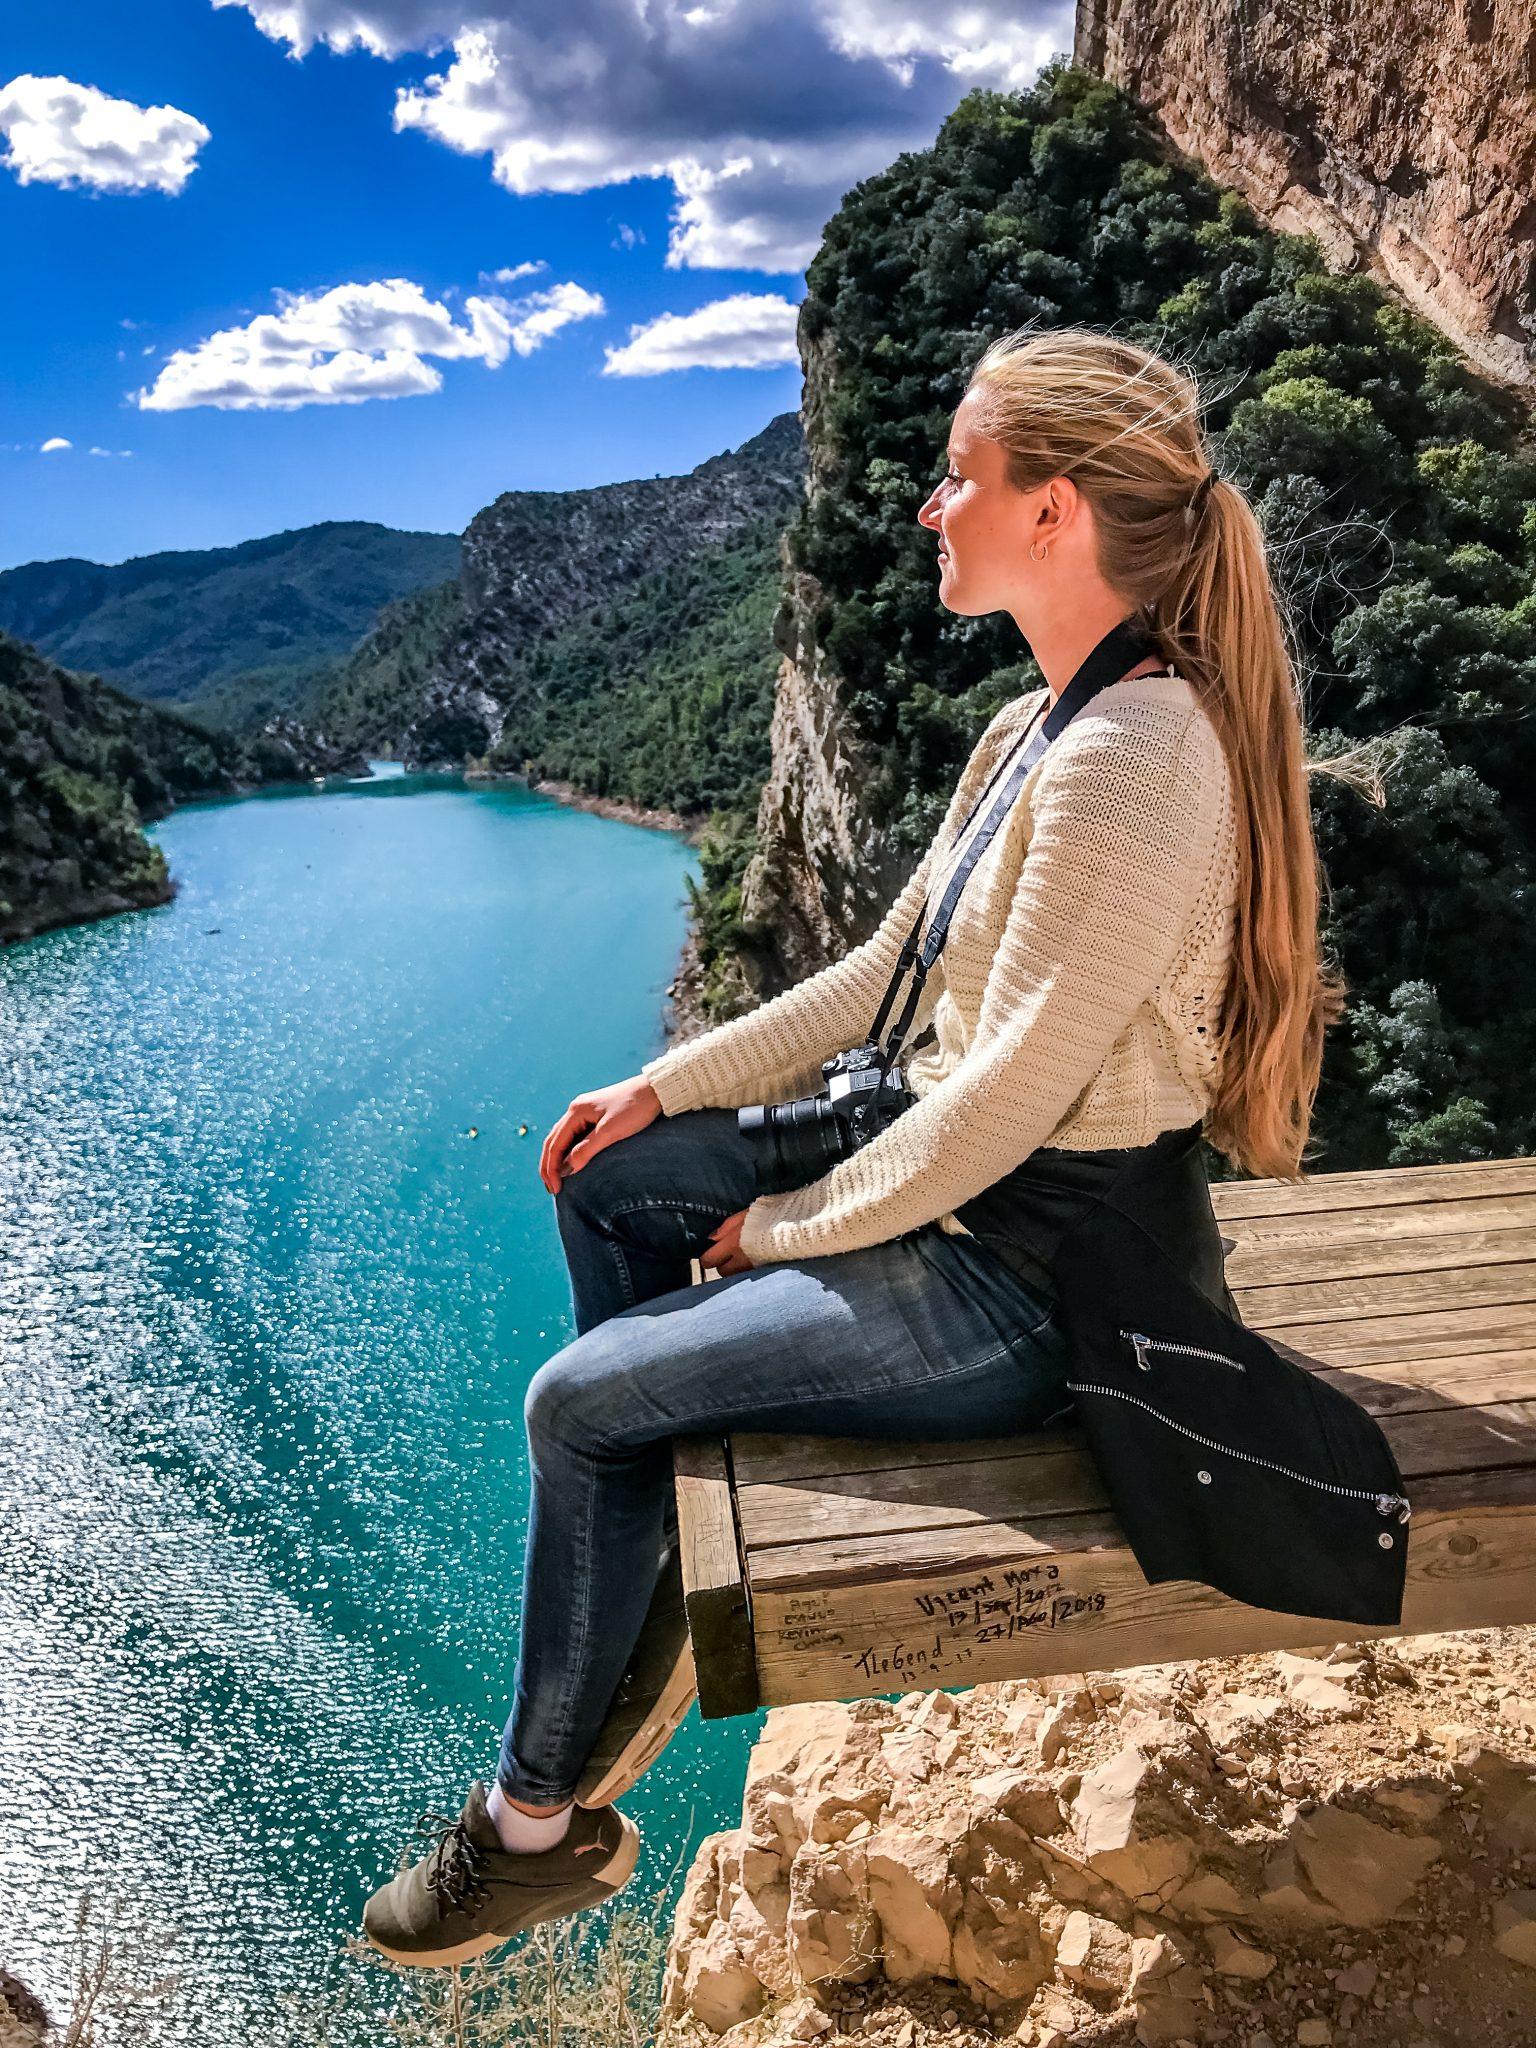 Es gibt sehr viele Möglichkeiten sich kurz auszuruhen und zu stärken und gleichzeitig die herrliche Aussicht auf die Schlucht des Mont Rebeis zu genießen.